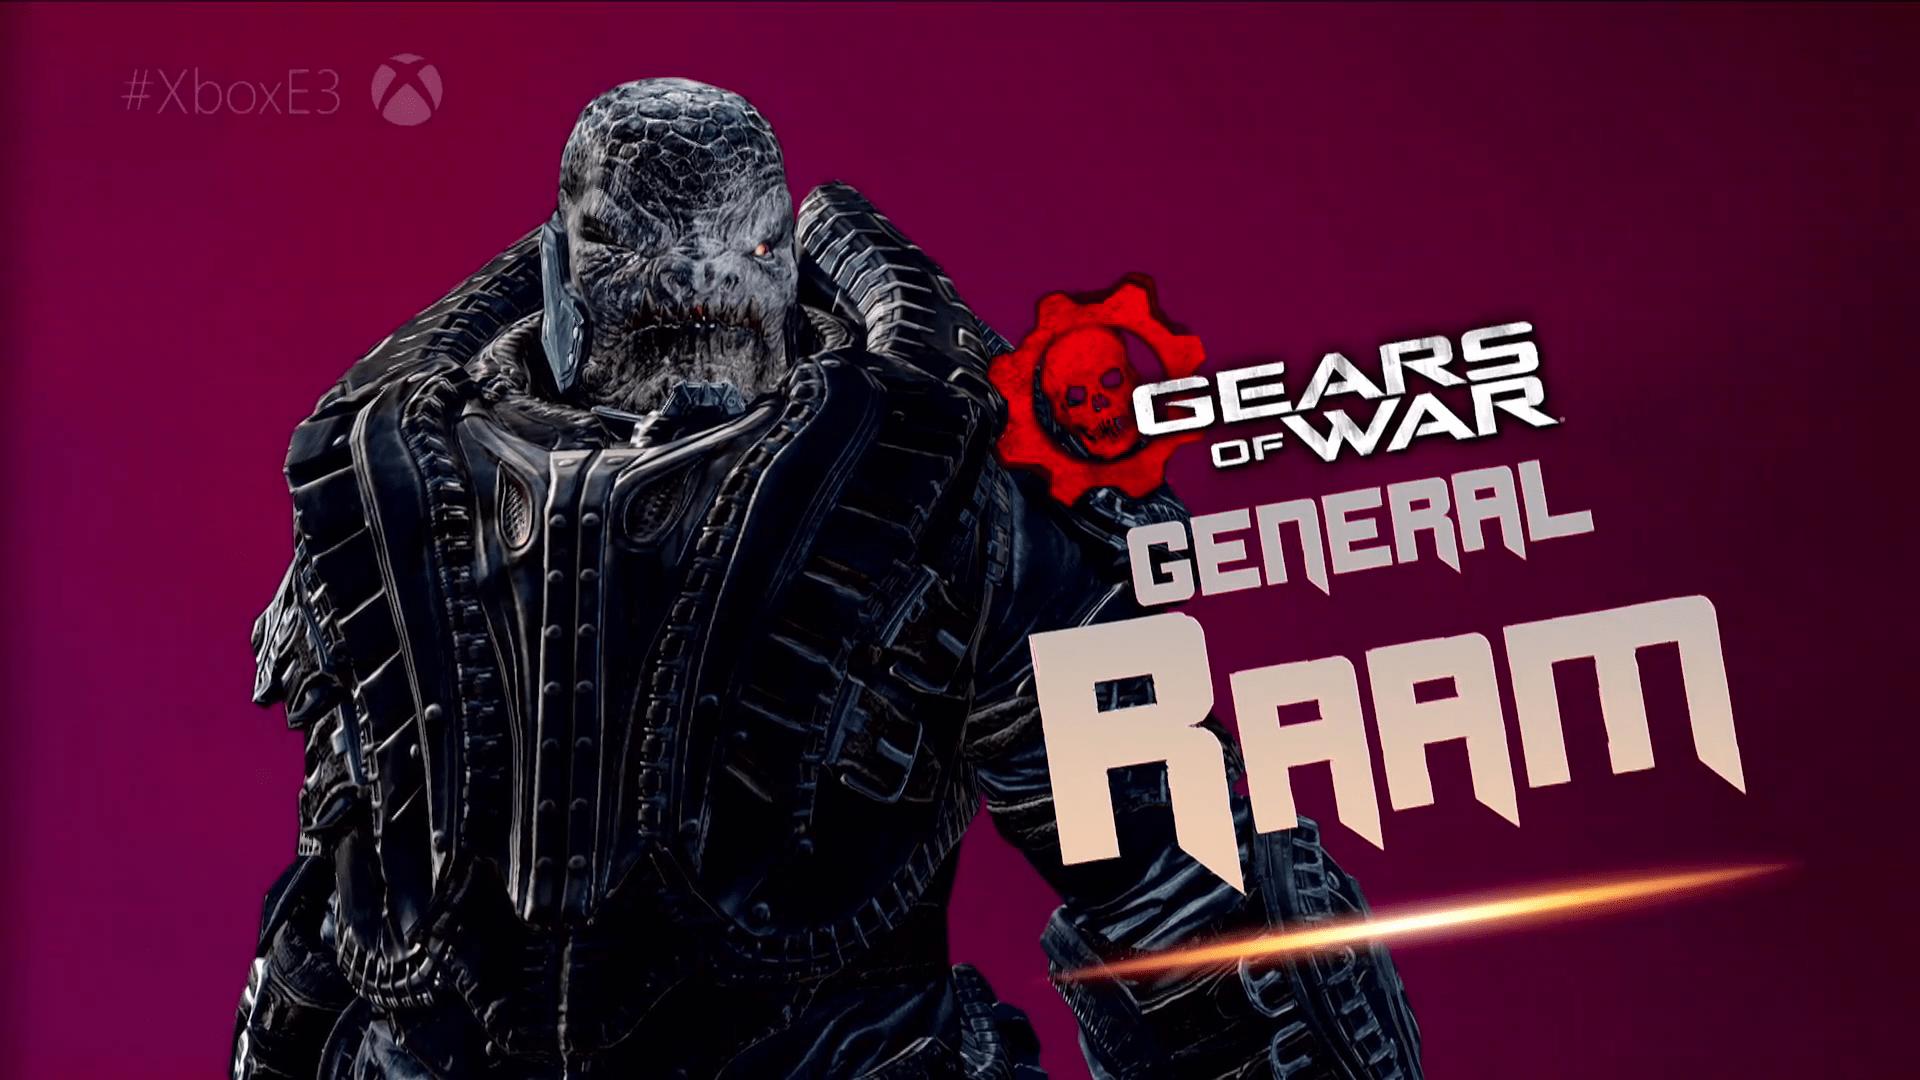 Gears Of Wars General Raam Will Appear In Killer Instinct